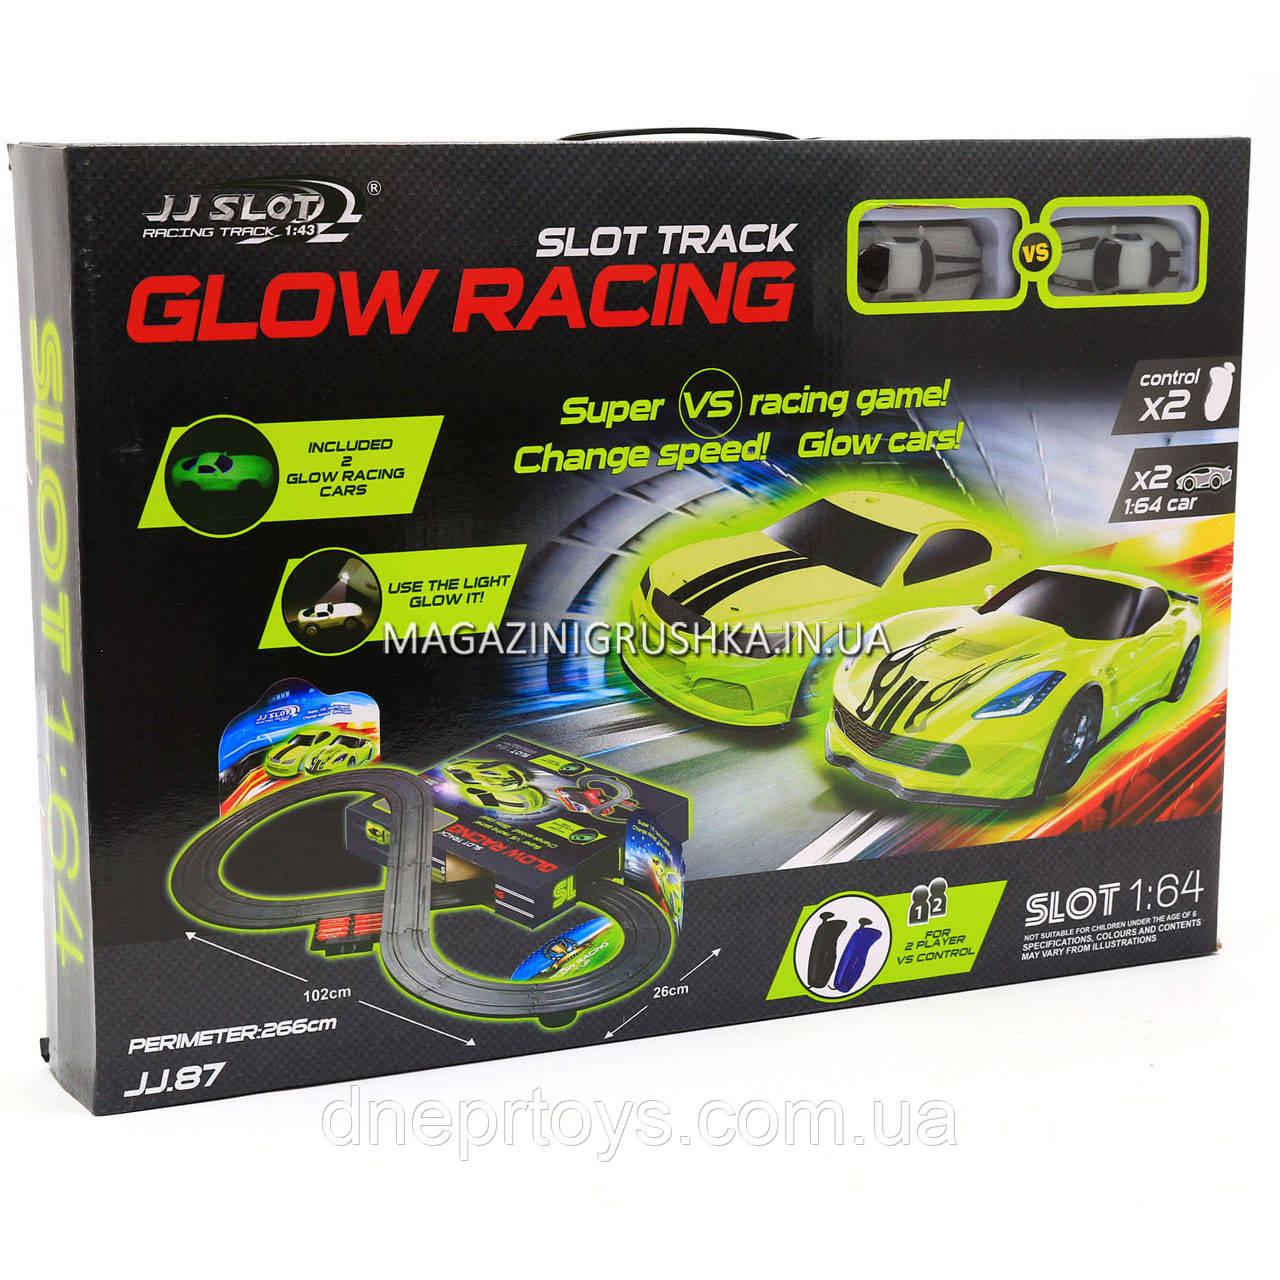 Автотрек JJ SLOT Glow Racing JJ 87, на радіокеруванні в коробці